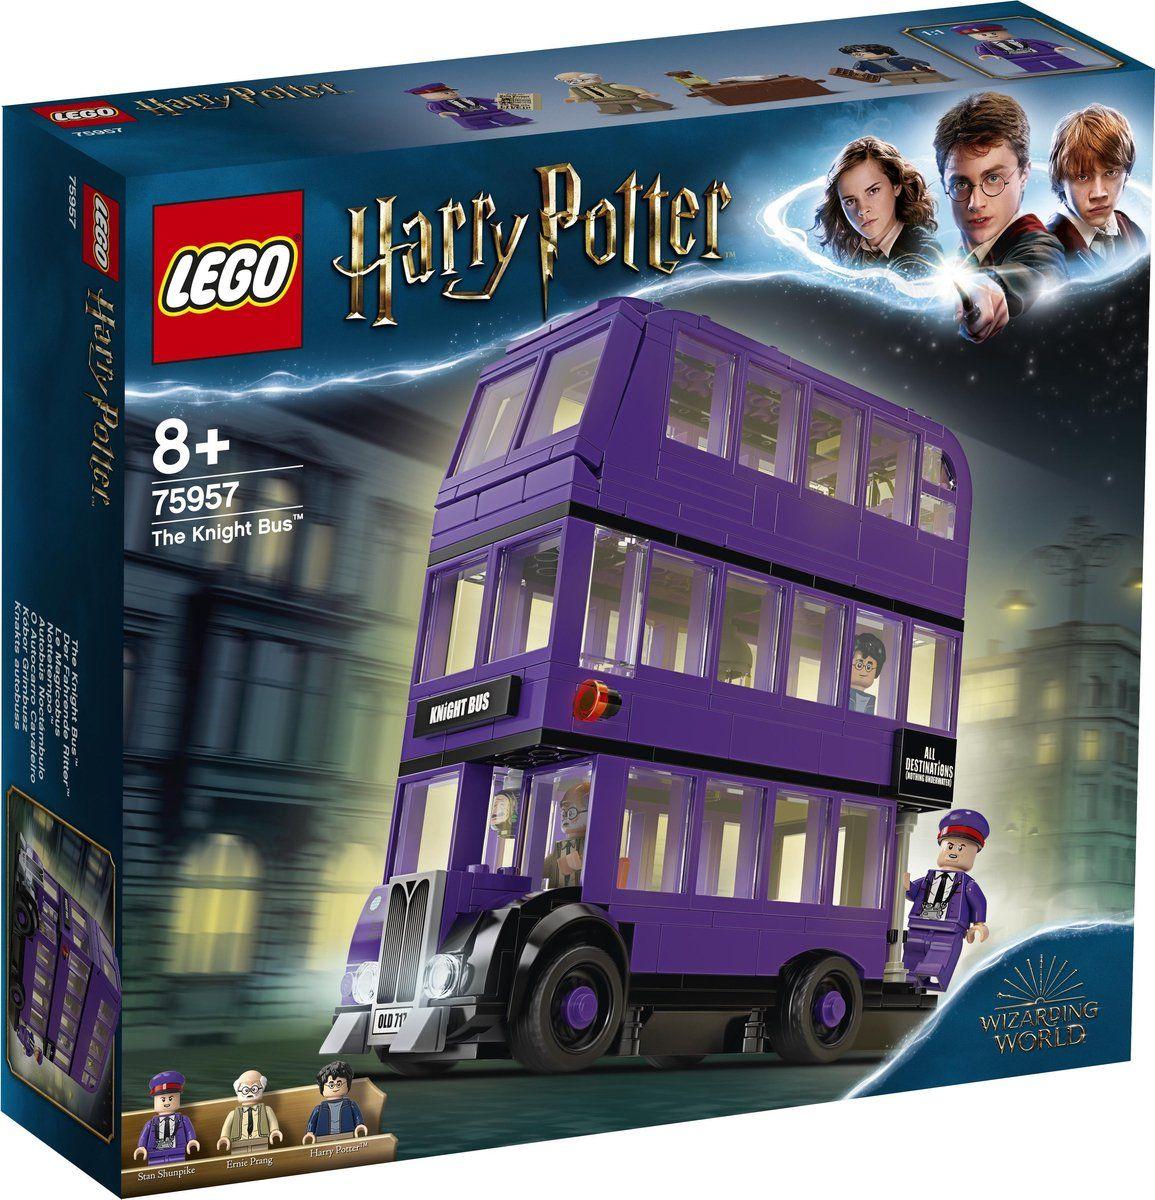 Lego 6278192 Lego Harry Potter De Collectebus - 75957